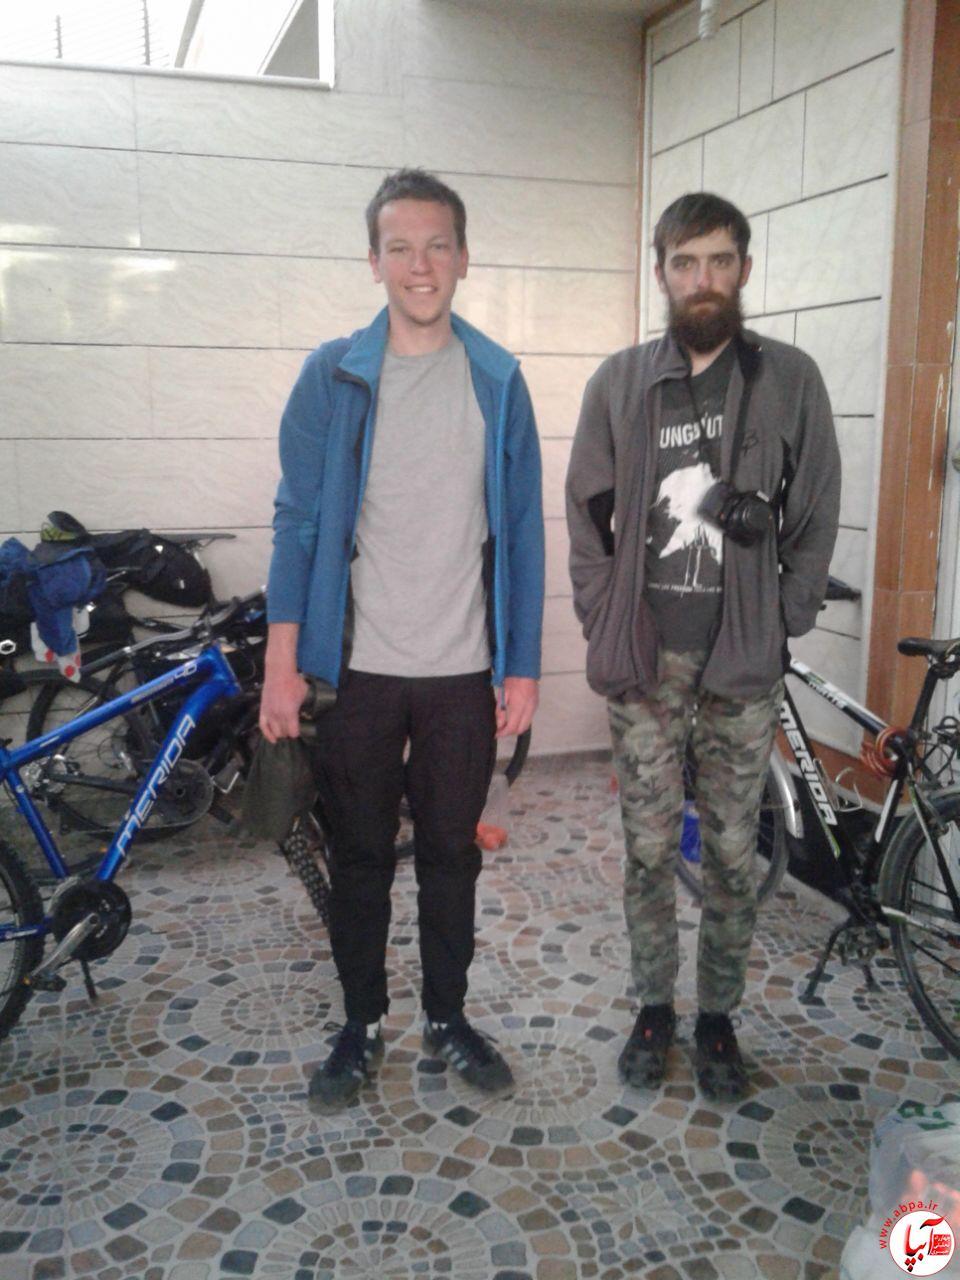 آبپا-توریست حضور دوچرخه سواران روسی در فراشبند